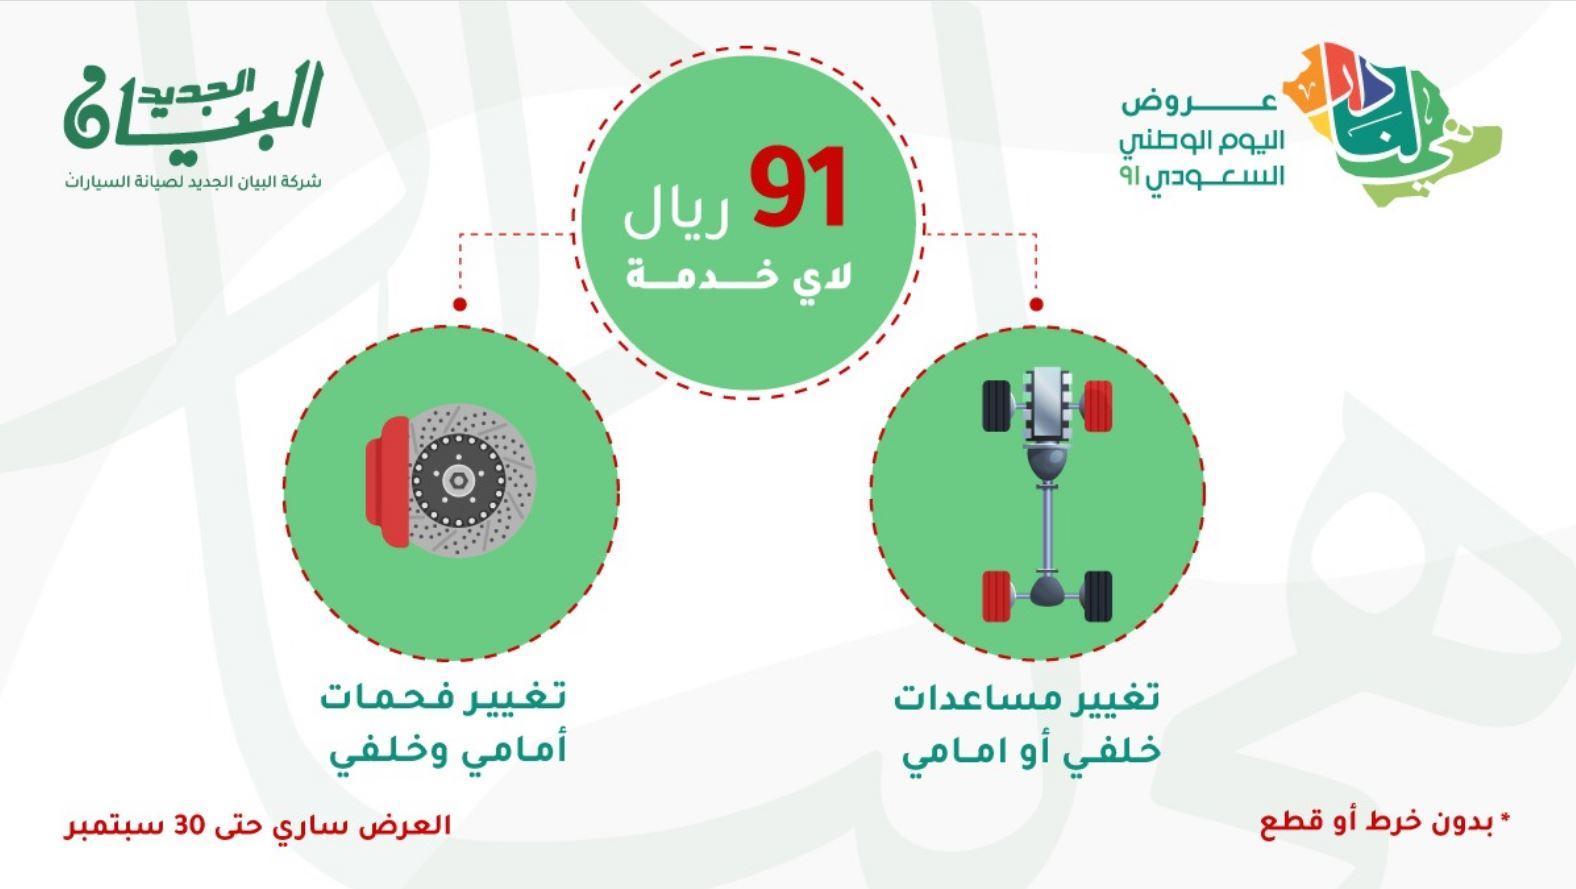 عروض البيان لصيانة السيارات في اليوم الوطني 91